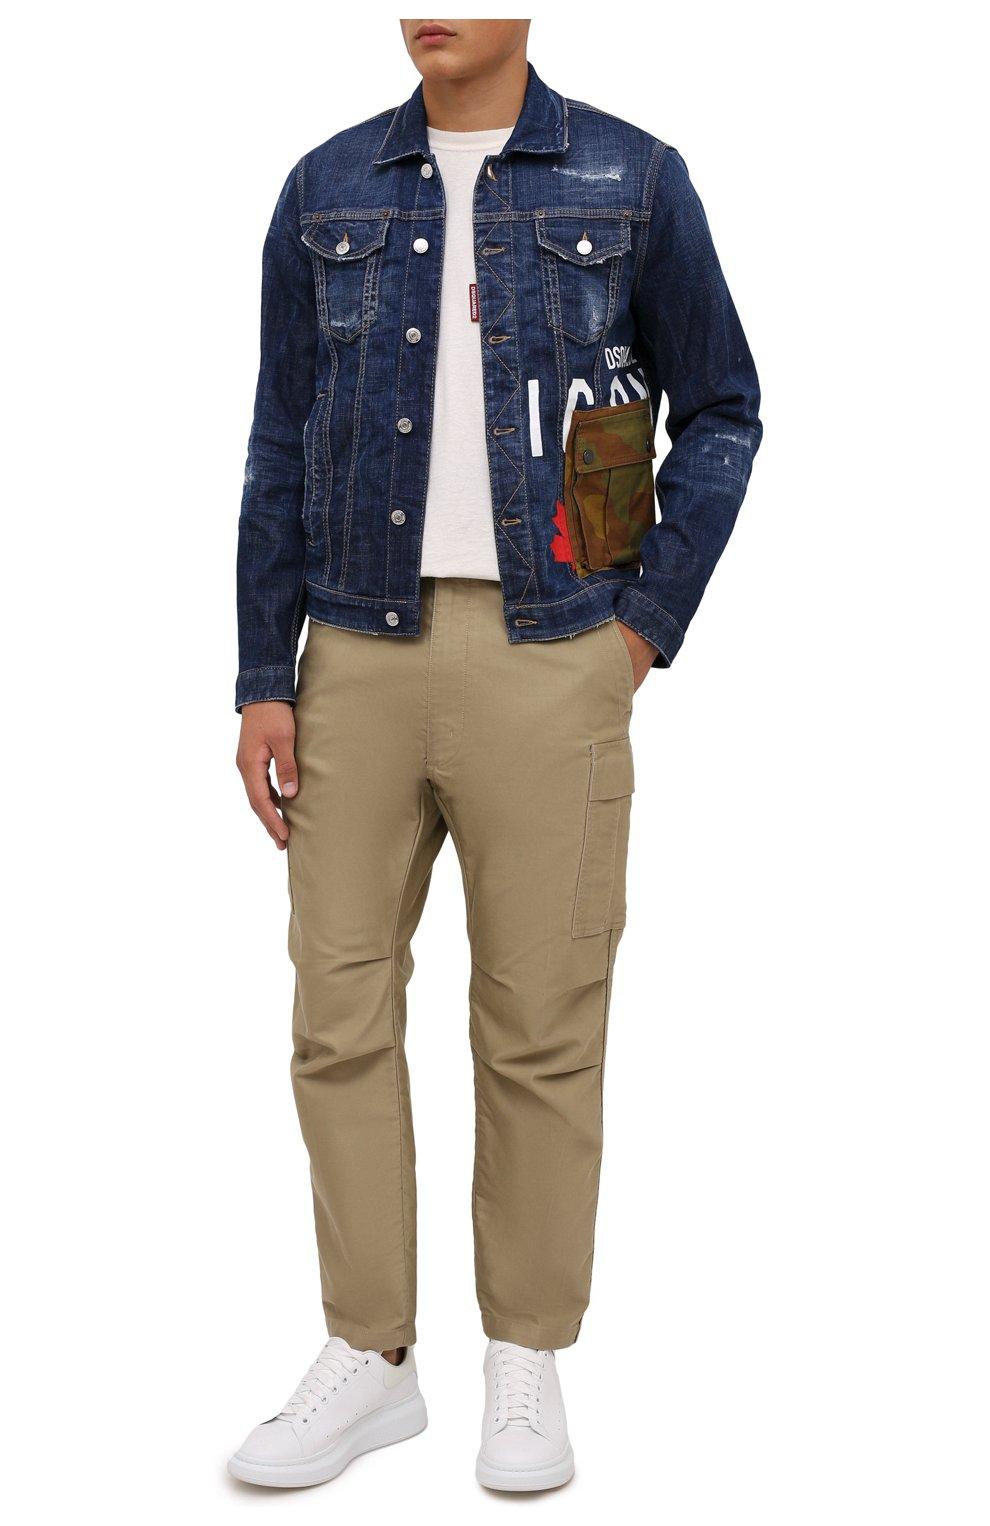 Мужская джинсовая куртка DSQUARED2 синего цвета, арт. S79AM0024/S30342   Фото 2 (Кросс-КТ: Куртка, Деним; Рукава: Длинные; Стили: Гранж; Материал внешний: Хлопок; Длина (верхняя одежда): Короткие)